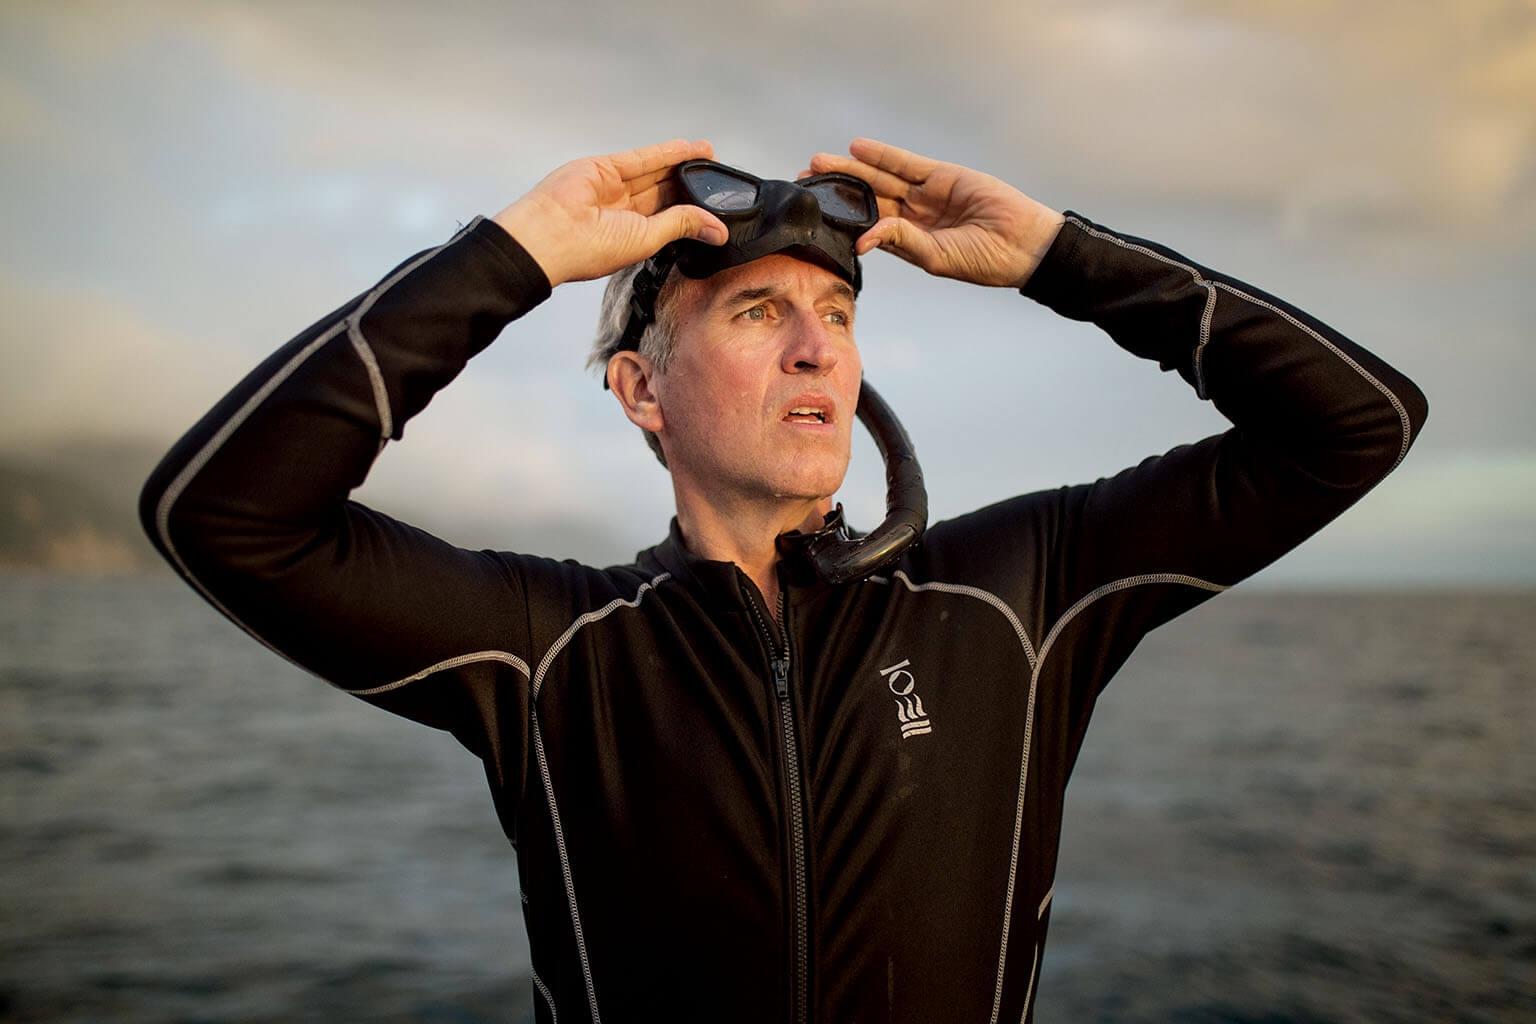 攝影師布萊恩.史蓋瑞是2017年勞力士-國家地理雜誌年度探險家,他參與了勞力士和國家地理這兩個長年盟友的新建夥伴關係。這項夥伴關係的中心理念:「致力於一個永恆的星球」,反映了它的使命:促進地球奇觀的保育和探索。欲深入了解,請至natgeo.com/perpetualplanet。